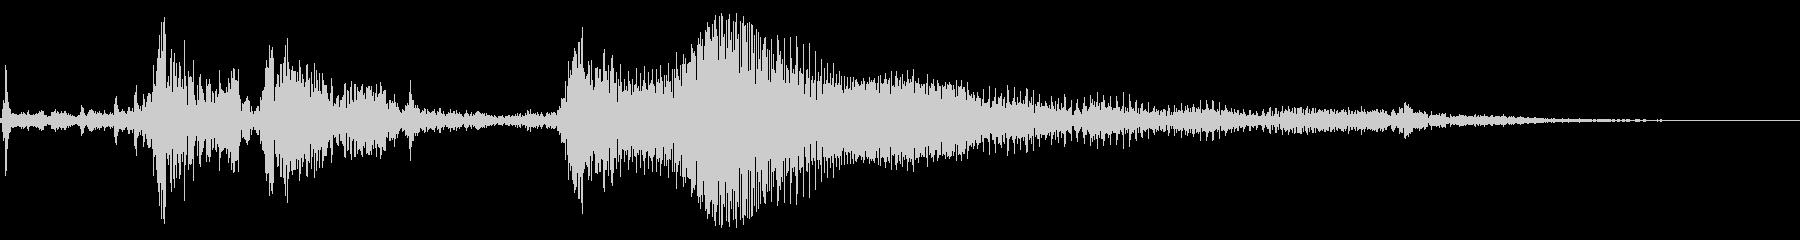 1960年代のキャデラックホットロ...の未再生の波形